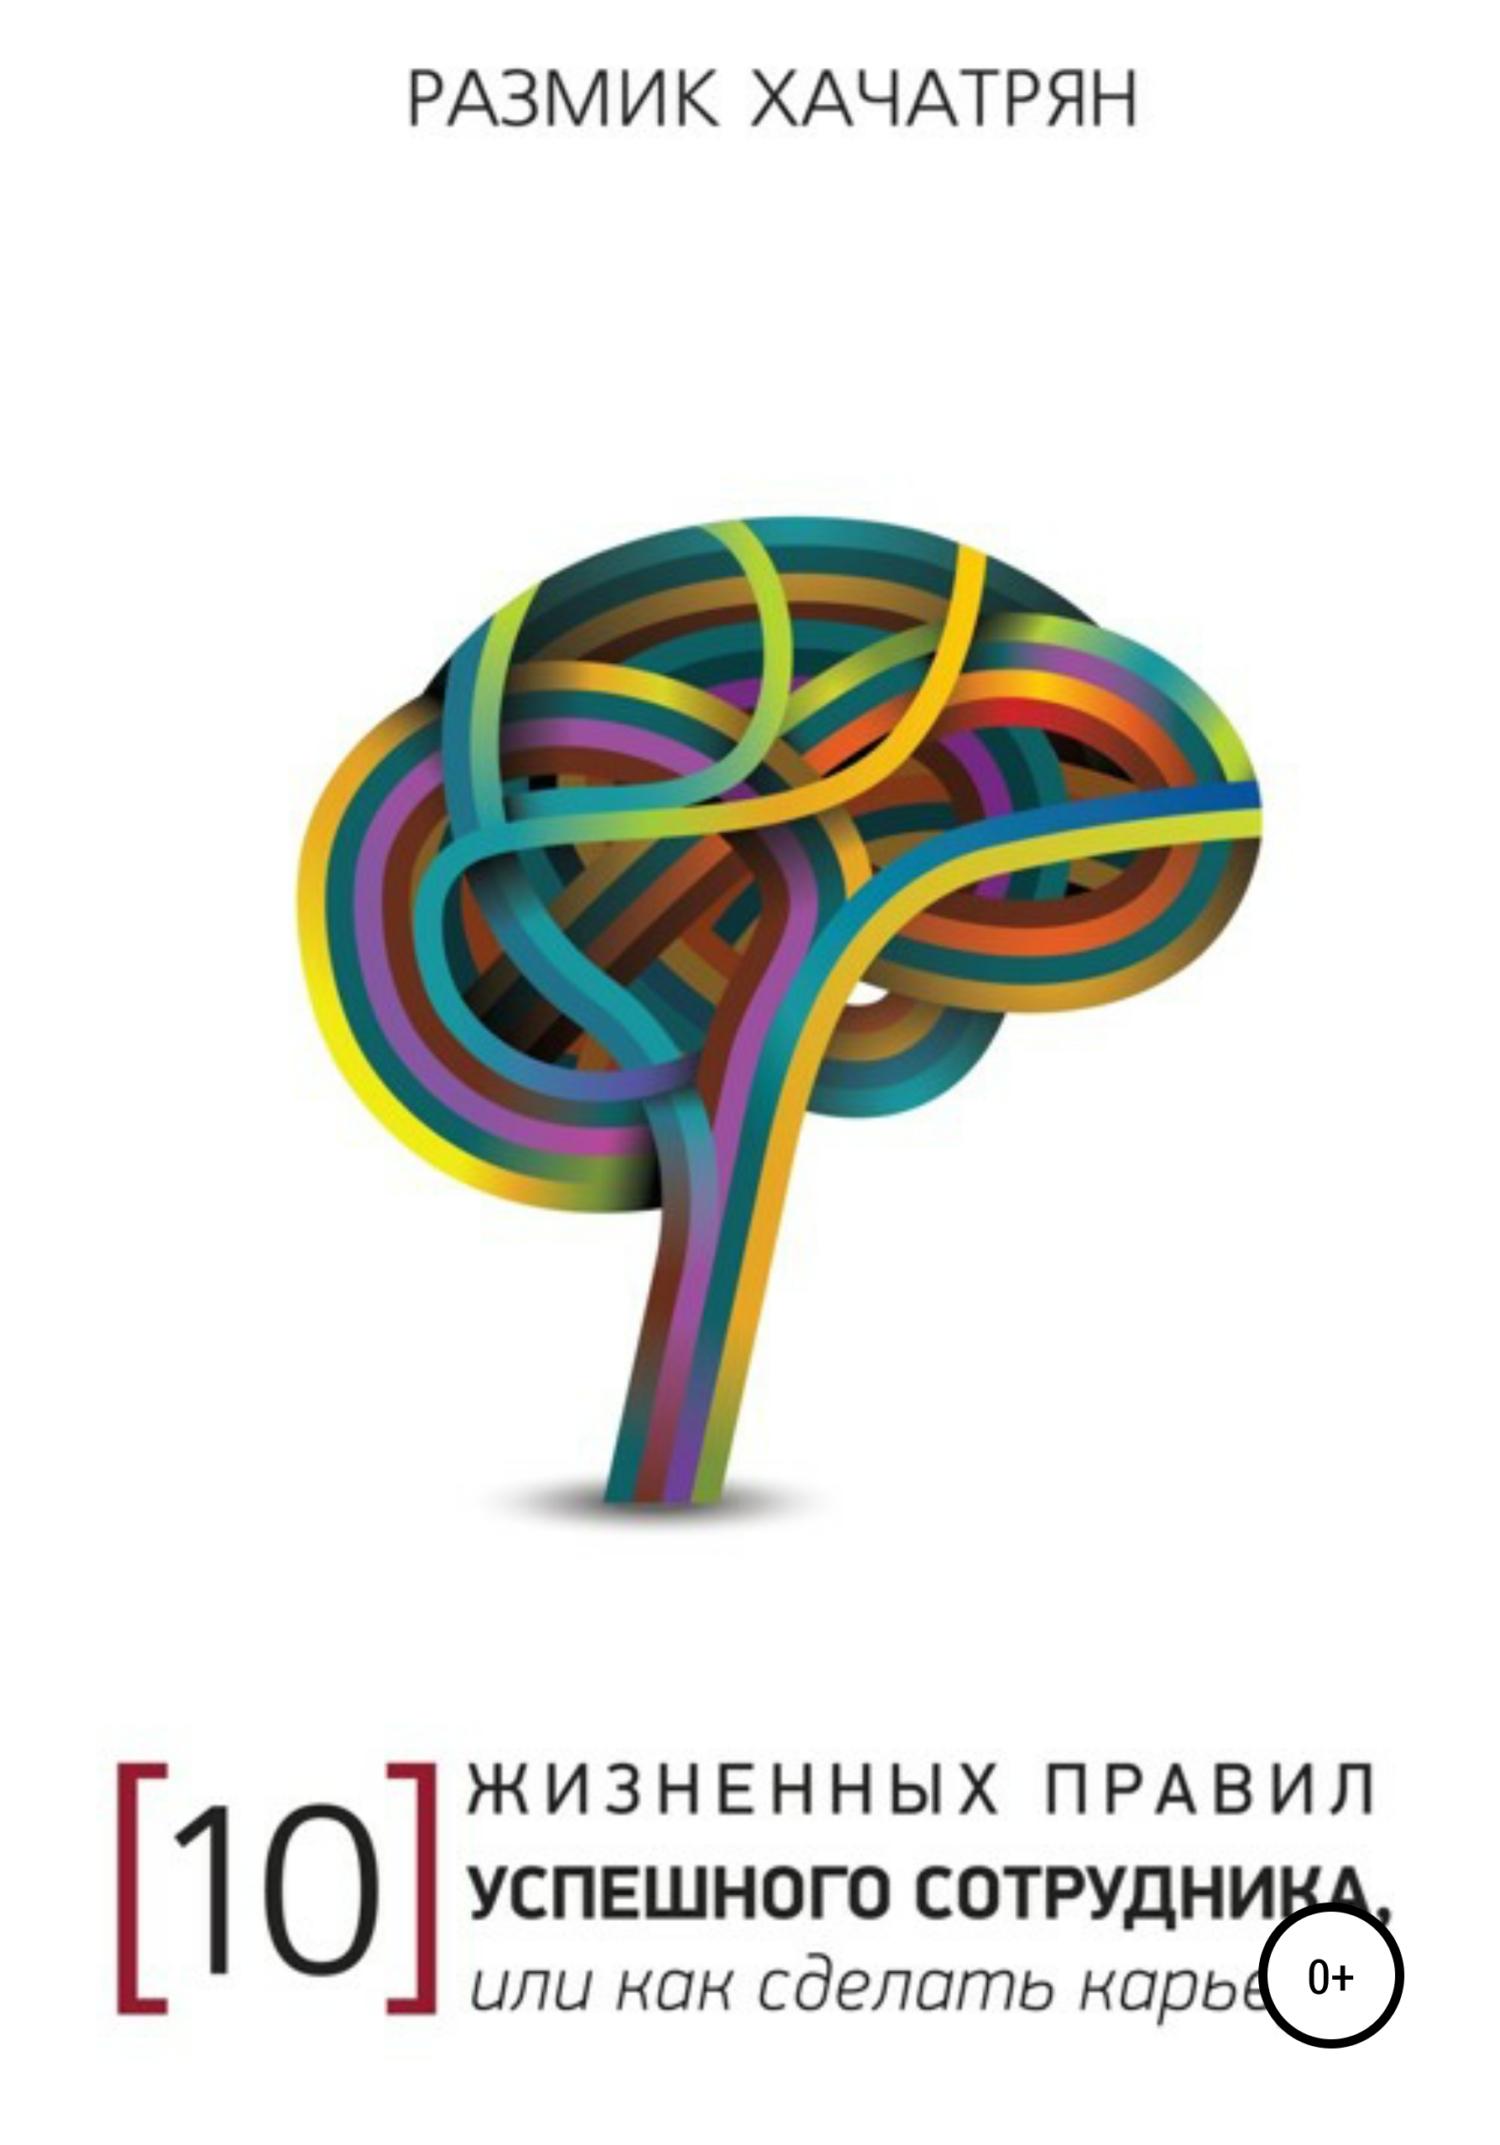 Обложка книги. Автор - Размик Хачатрян